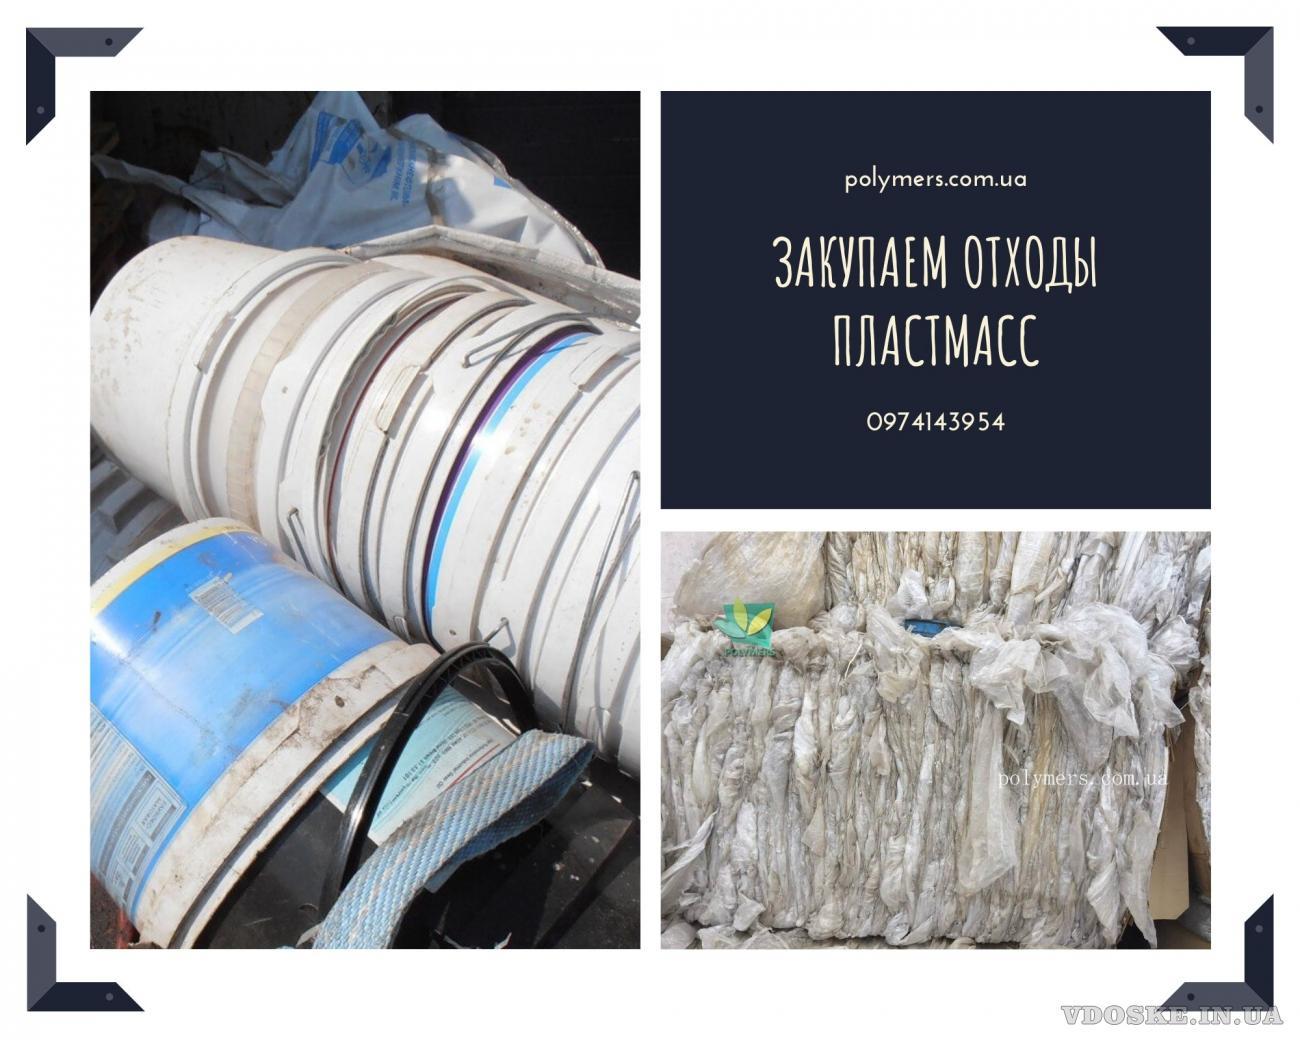 Покупаем отходы Пластиковых шезлонгов, барной мебели, ведра и отходы из Полипропилена (ПП)